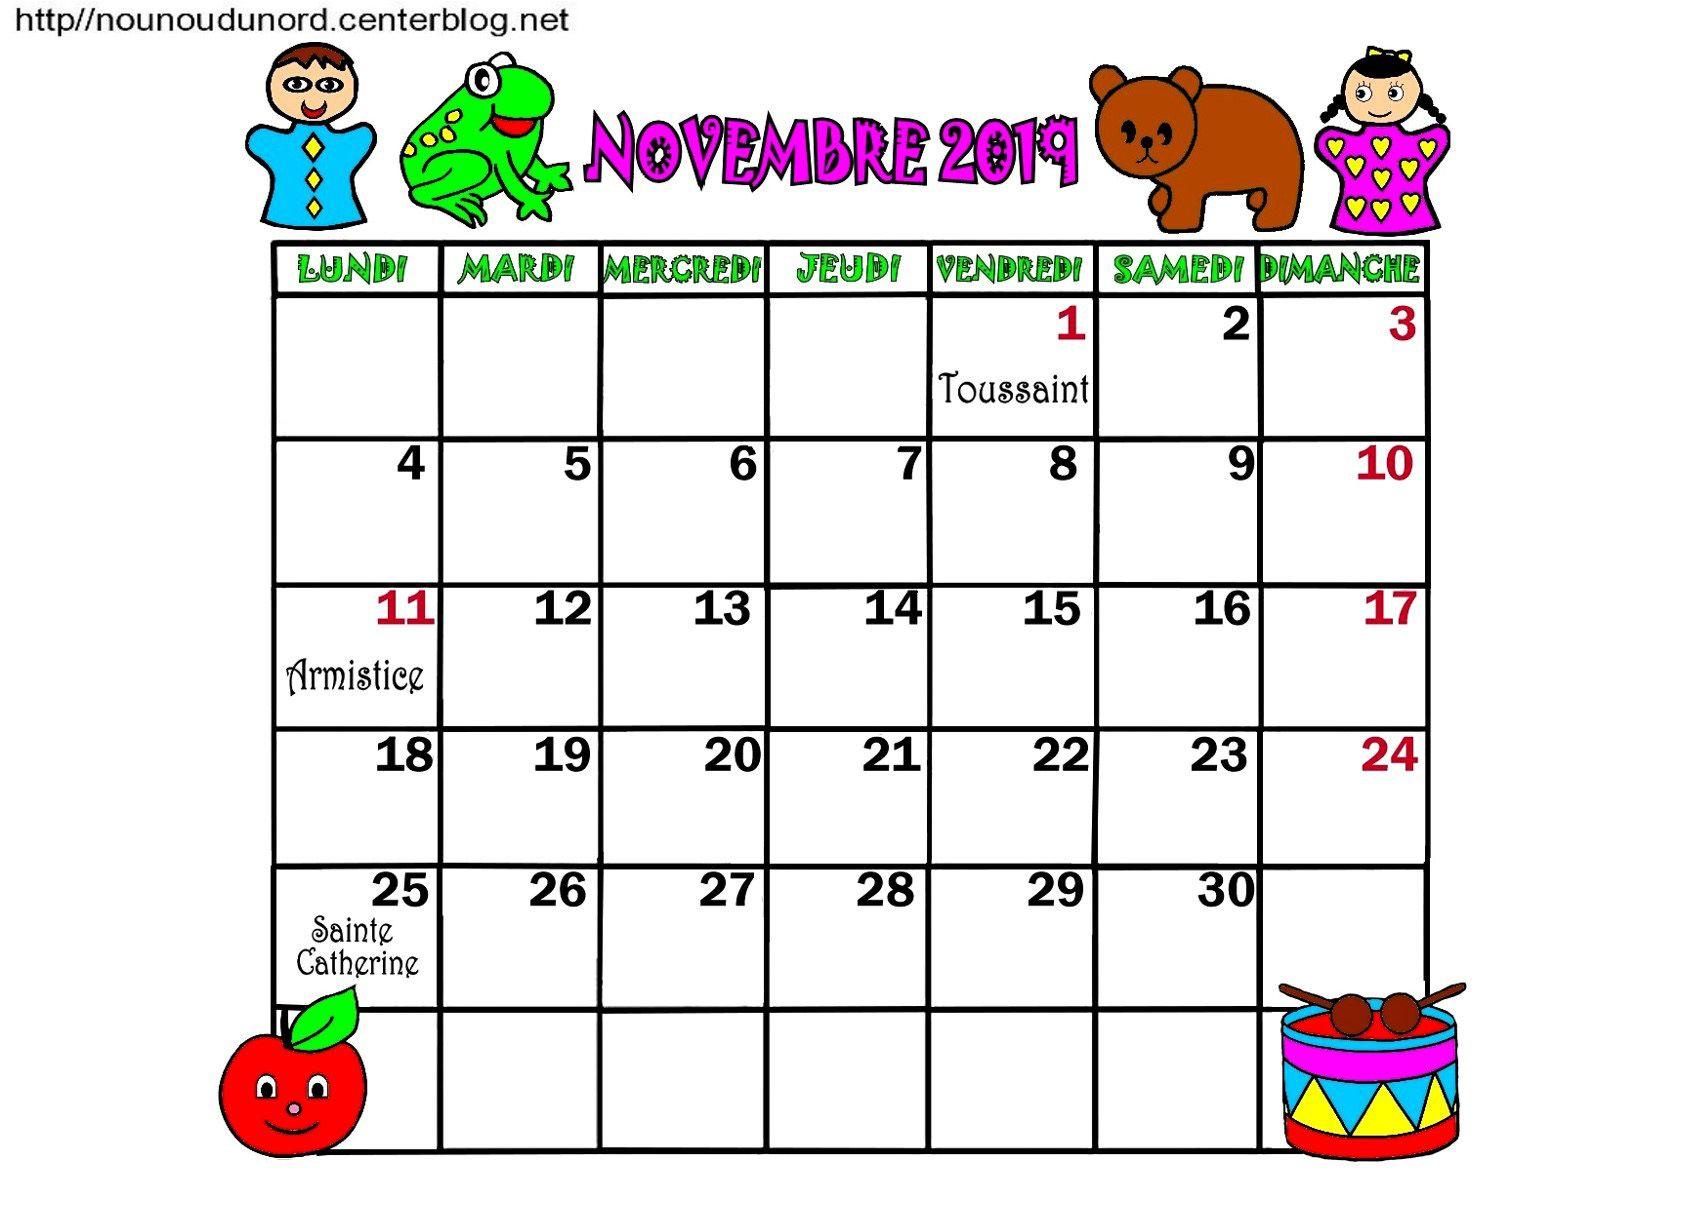 Calendrier A Imprimer Novembre 2019.Calendrier Annee 2019 Mois De Novembre